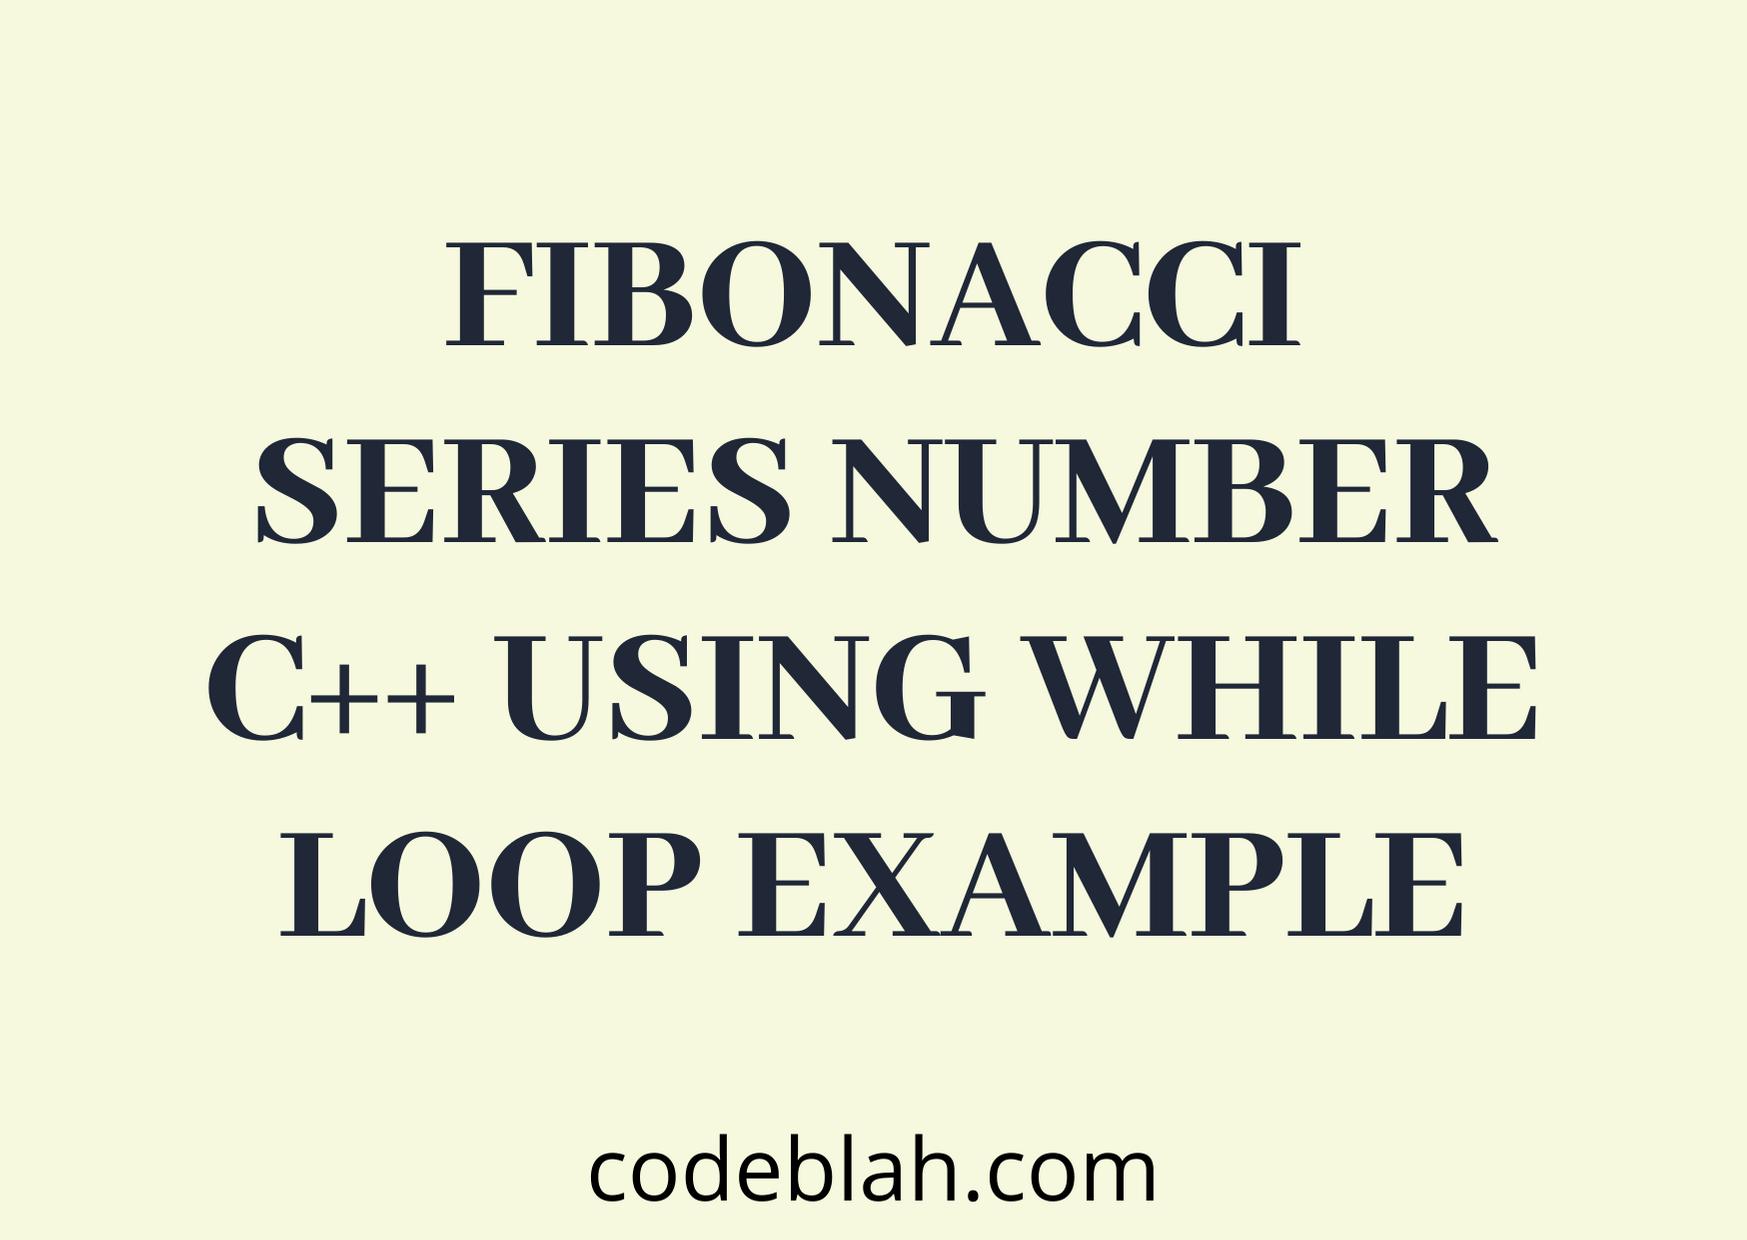 Fibonacci Series Number in C++ using While Loop